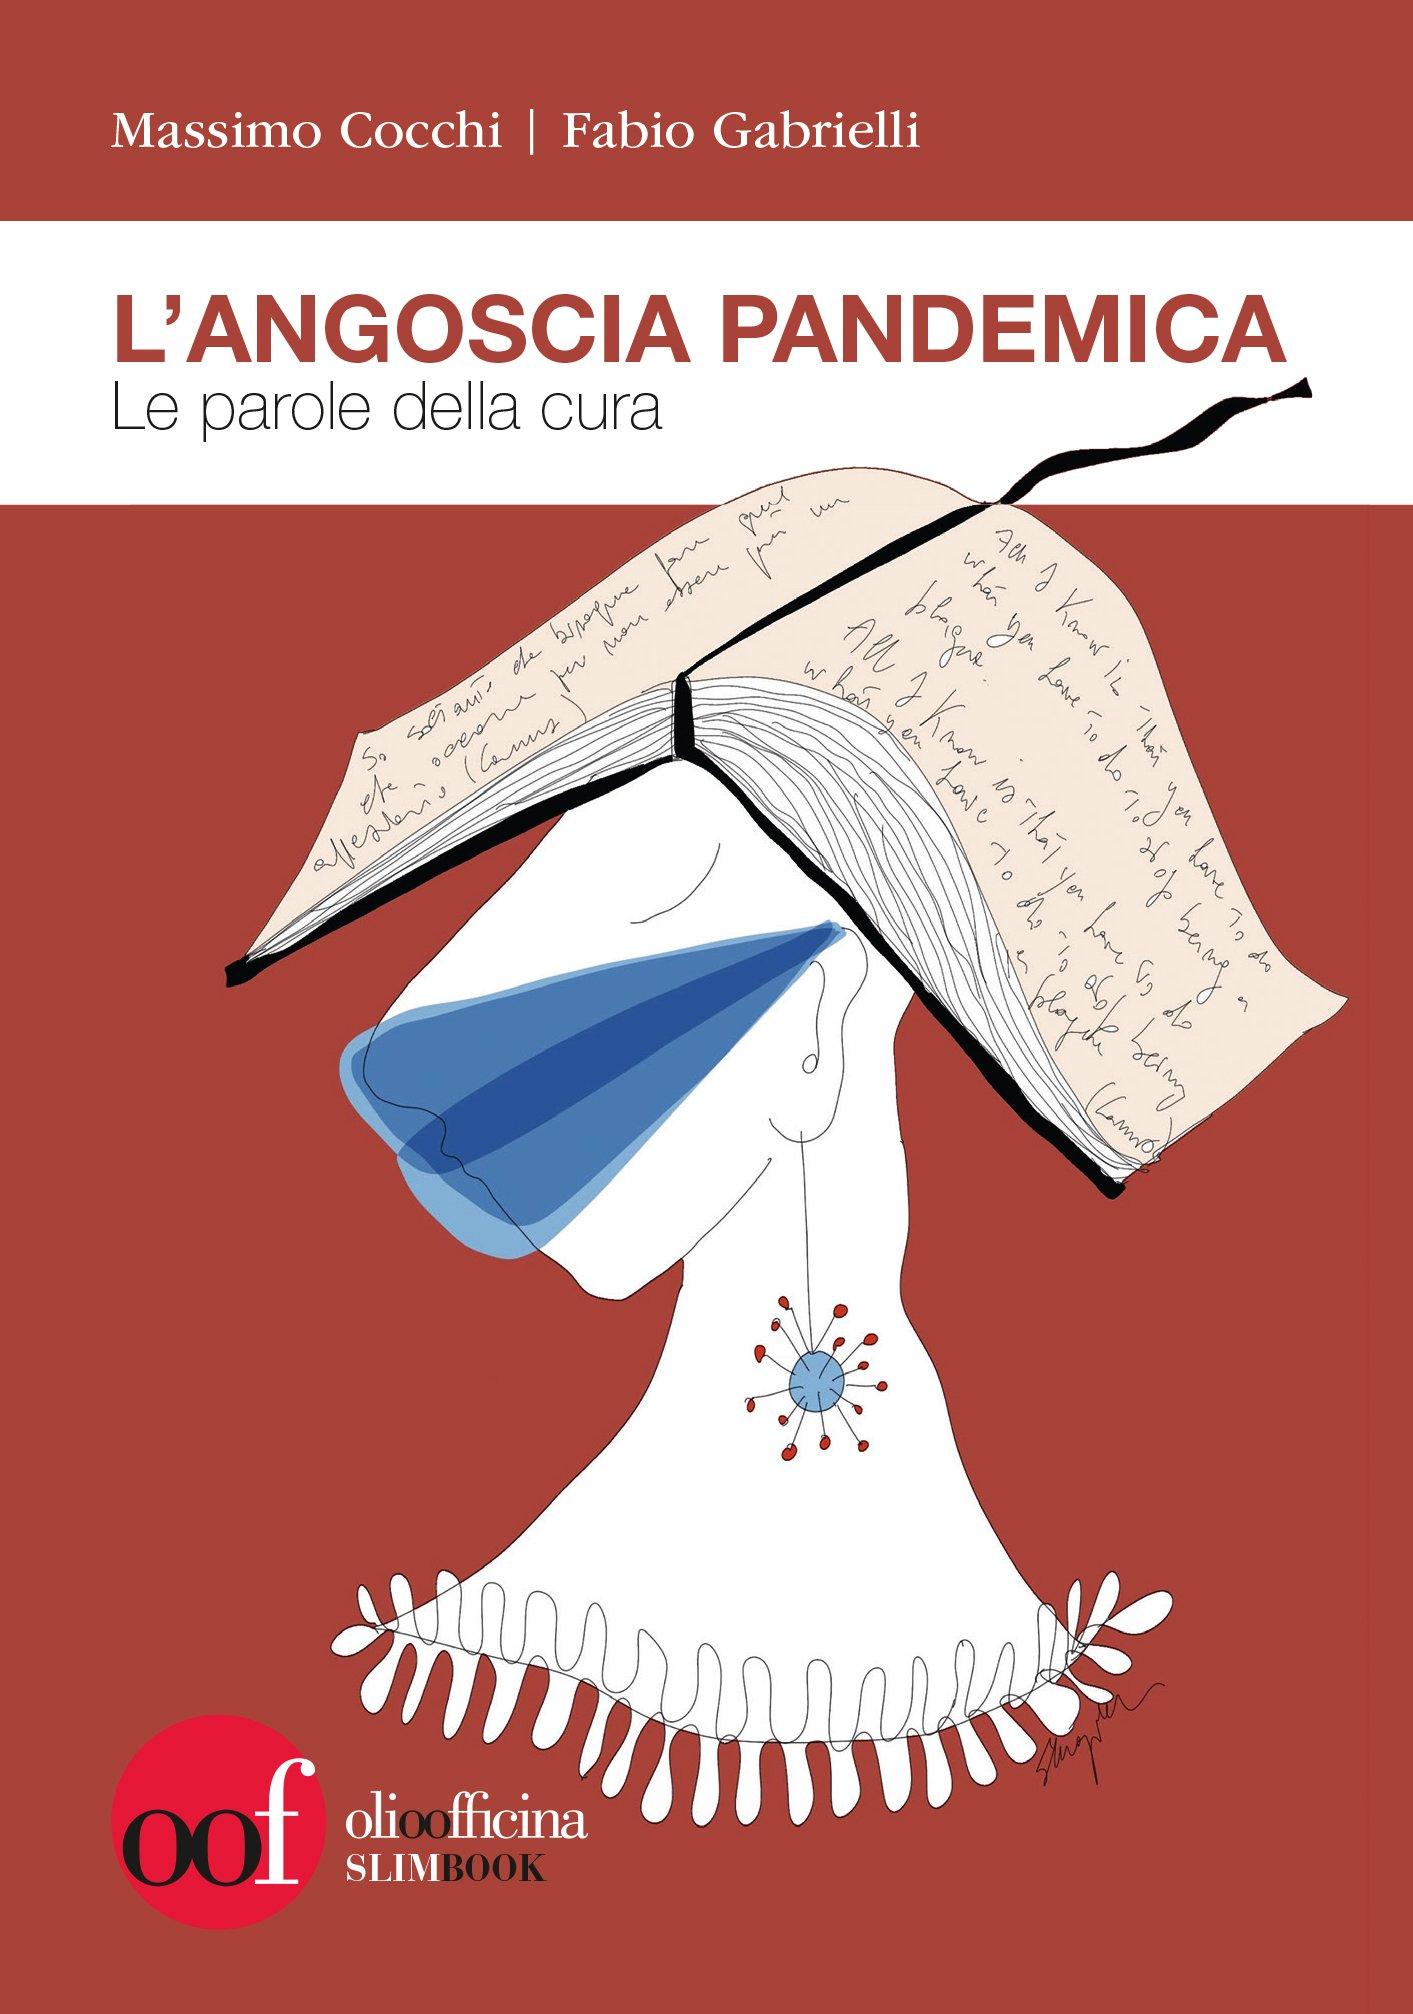 L'angoscia pandemica. Le parole della cura